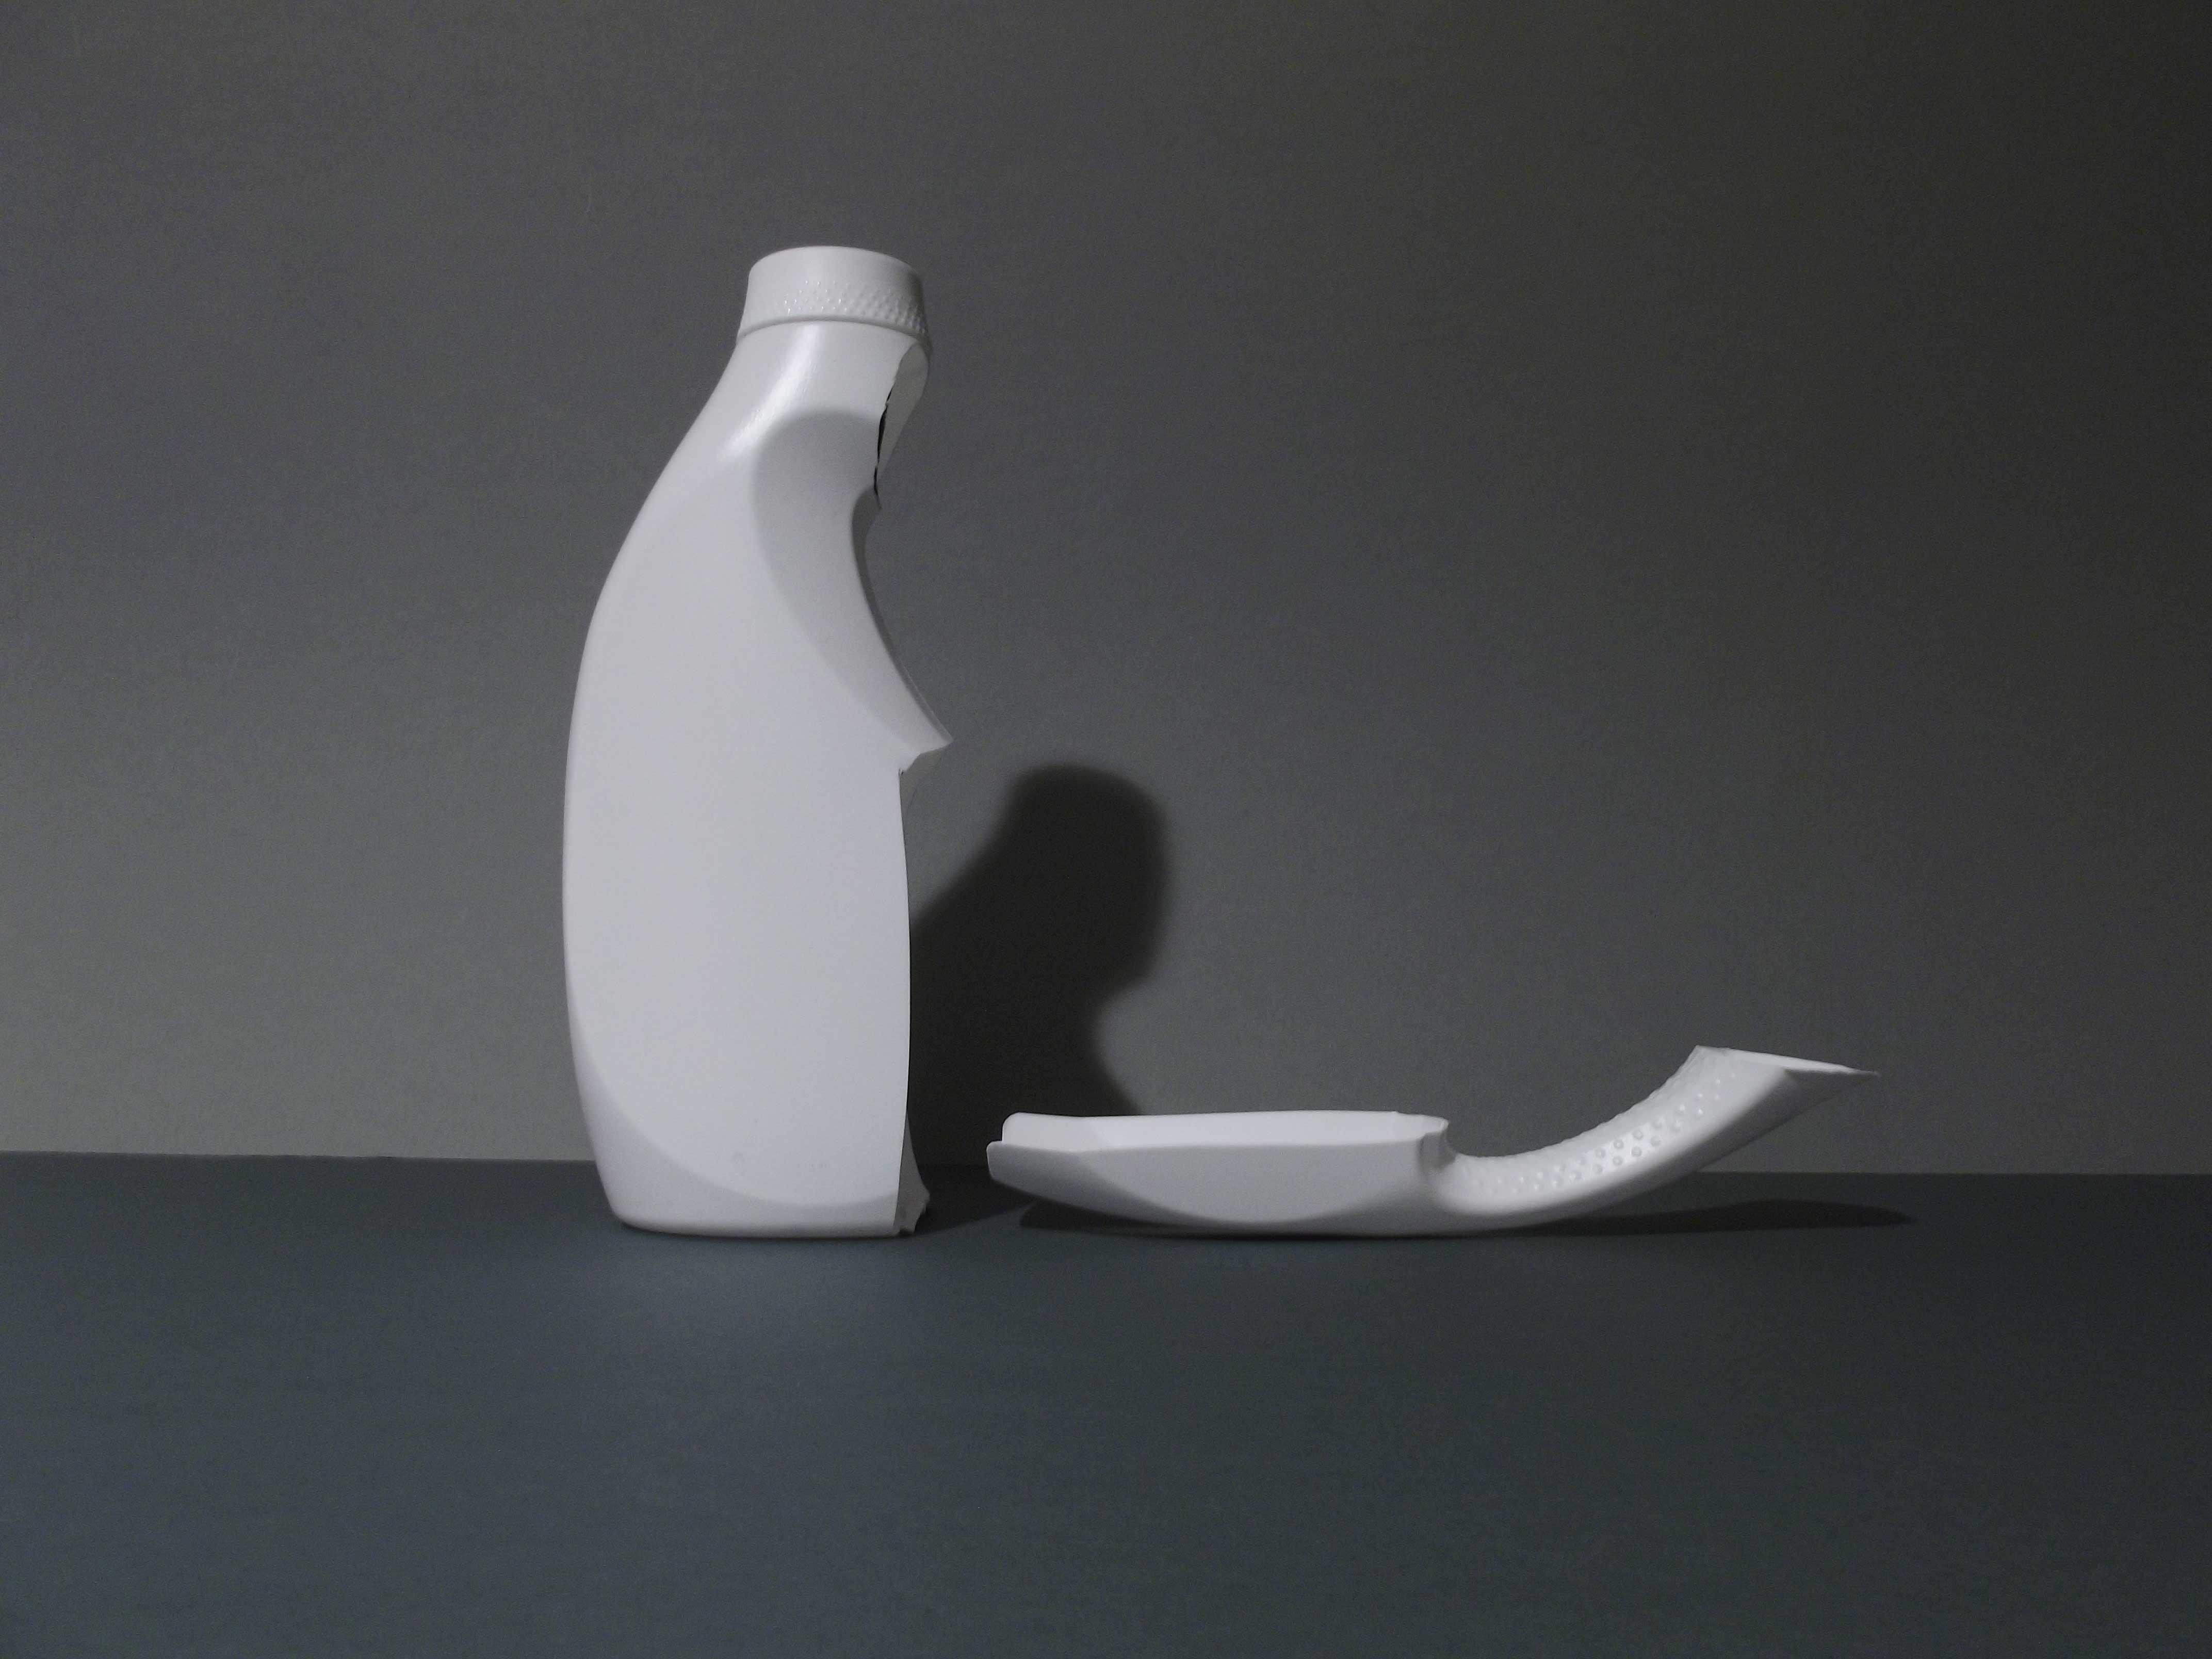 schaufel und spielzeug aus weichsp lerflaschen desicled. Black Bedroom Furniture Sets. Home Design Ideas